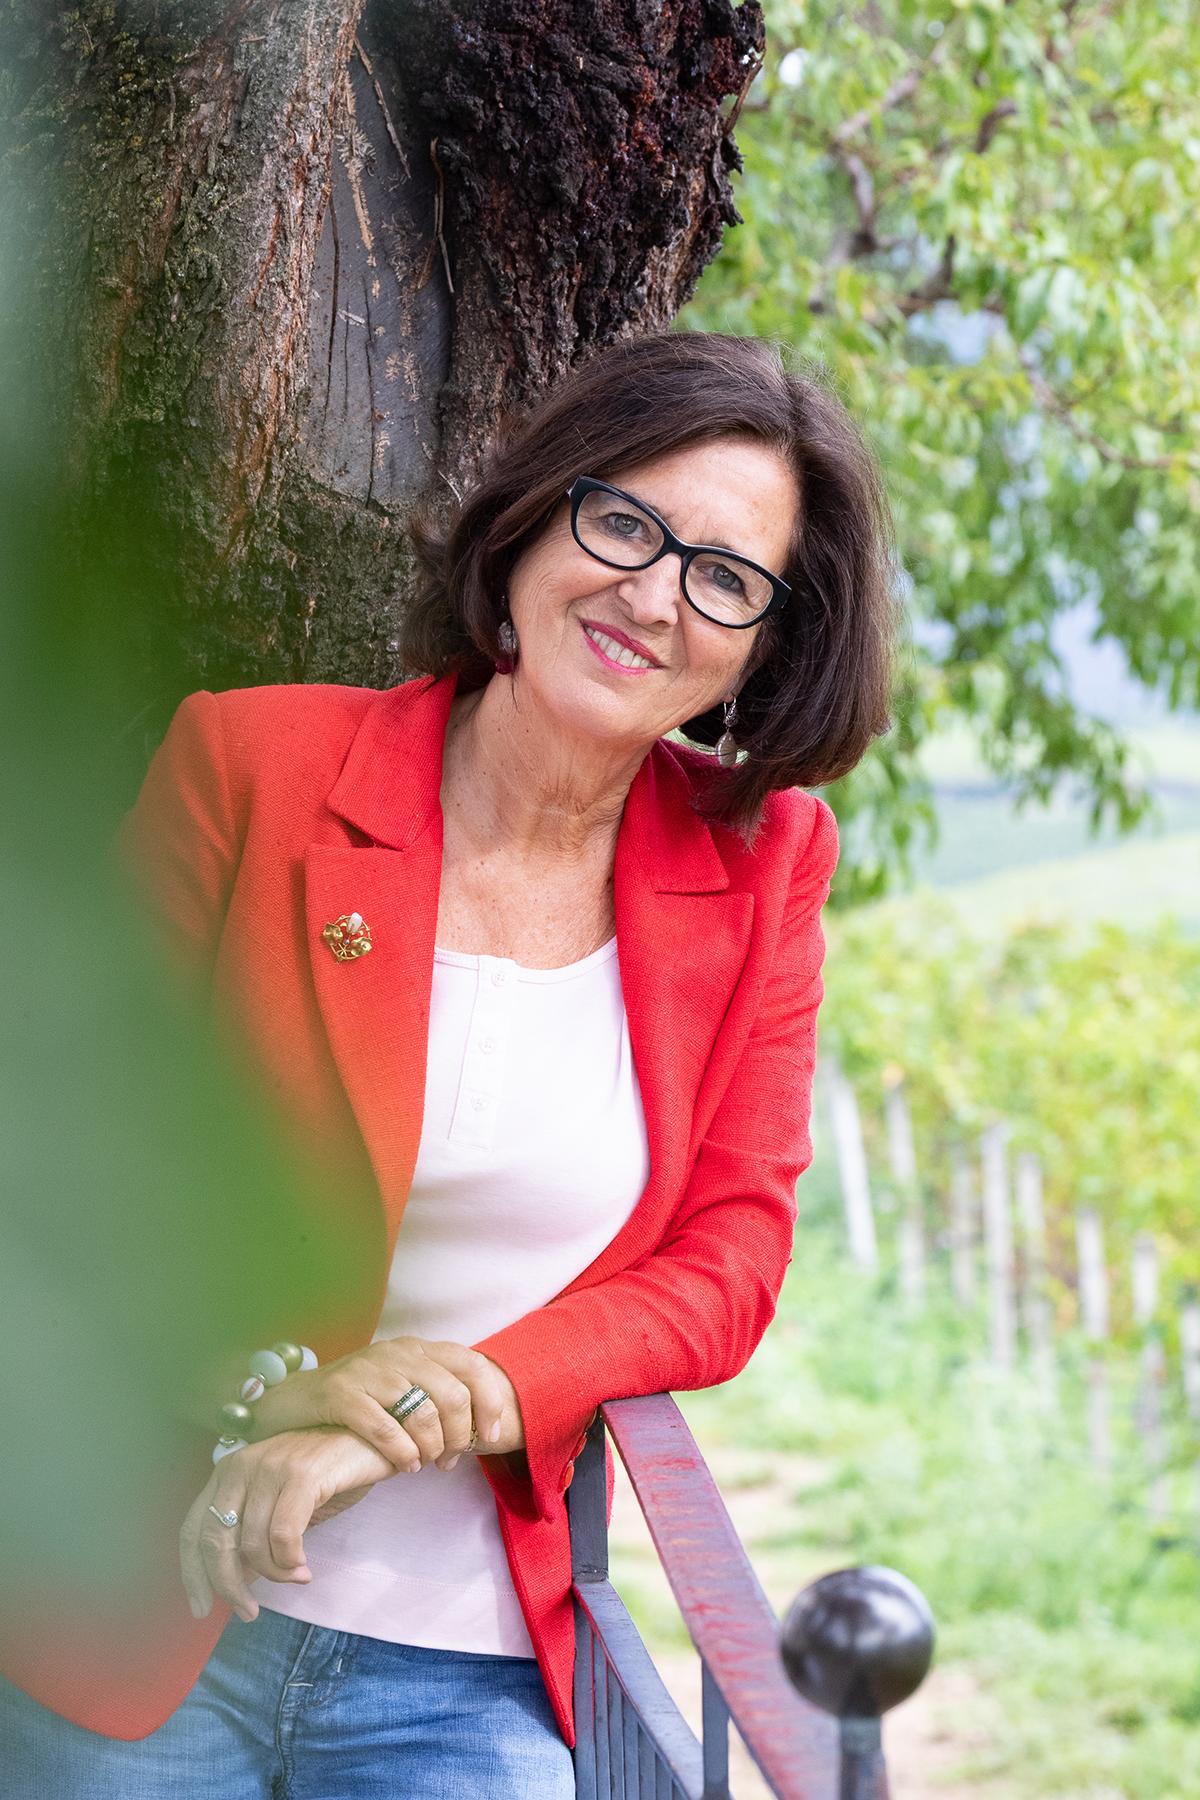 Le signore del vino. Fiore all'occhiello dell'Alto Adige, Elena Walch racconta il suo amore per il vino